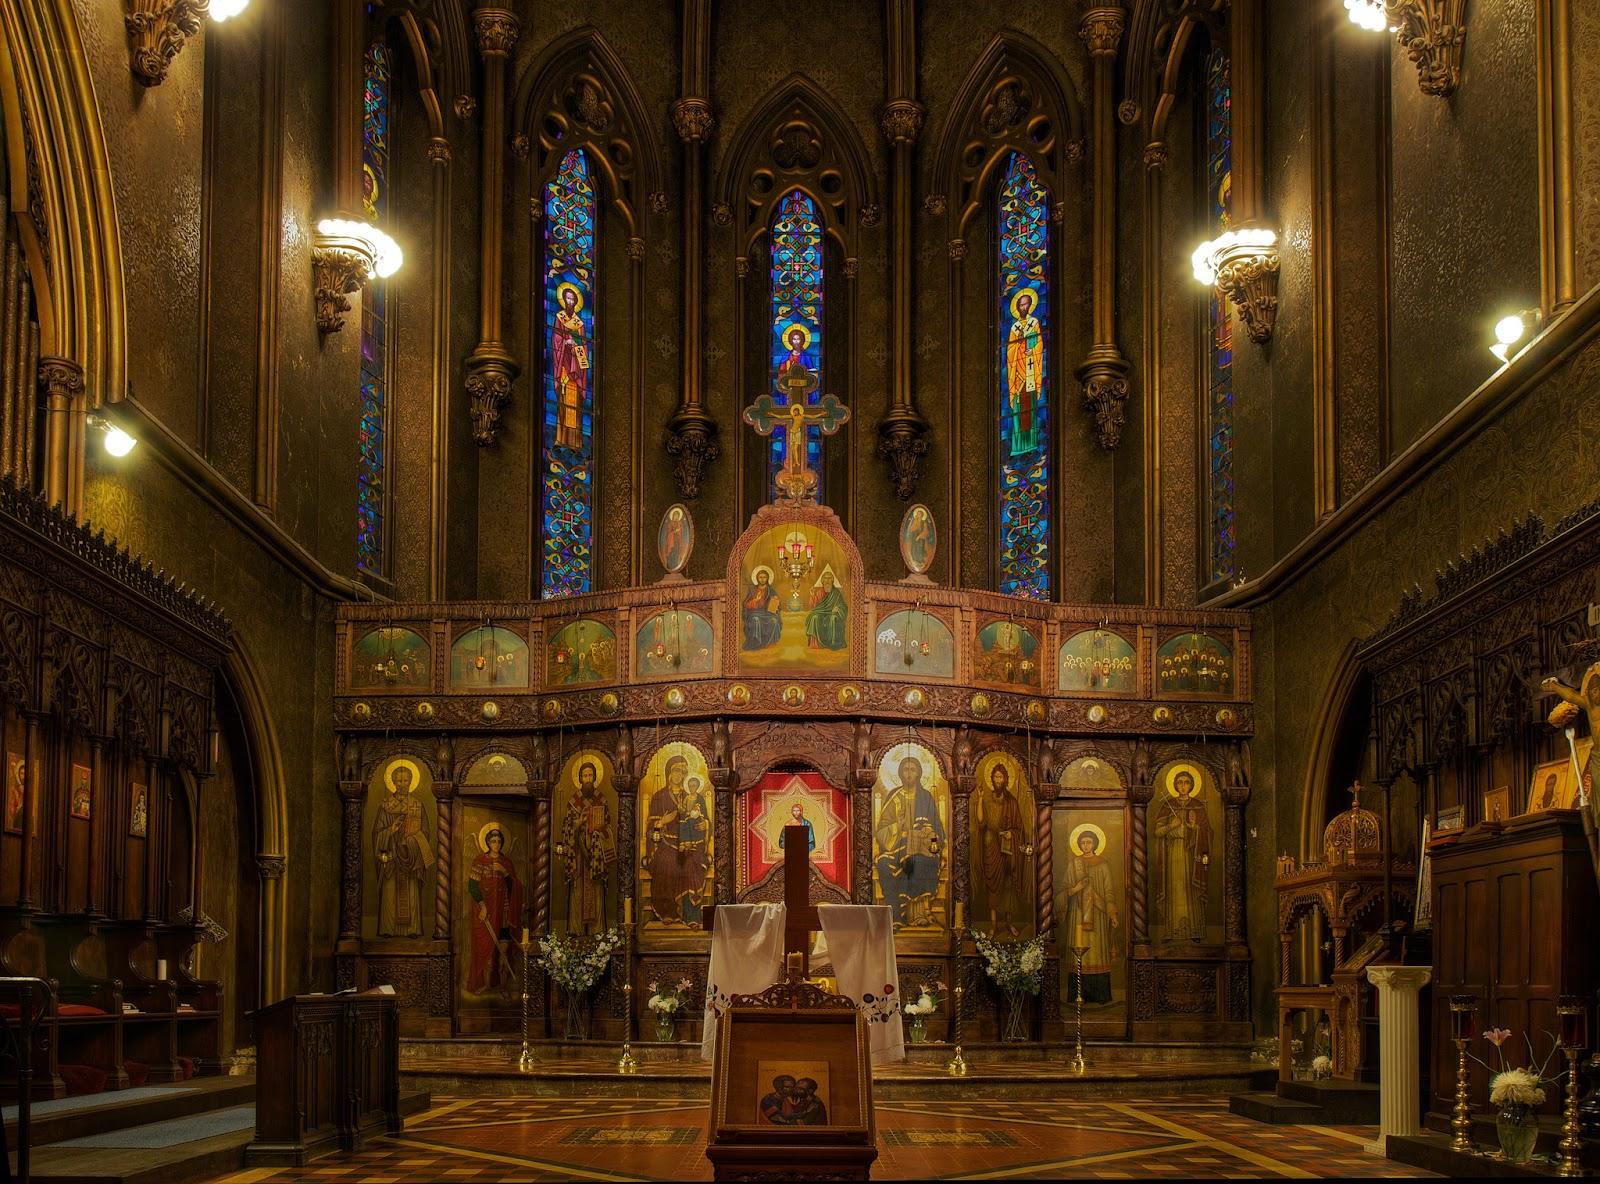 Nhà thờ Chính thống giáo Thánh Sava Serbian – thành phố New York, New York